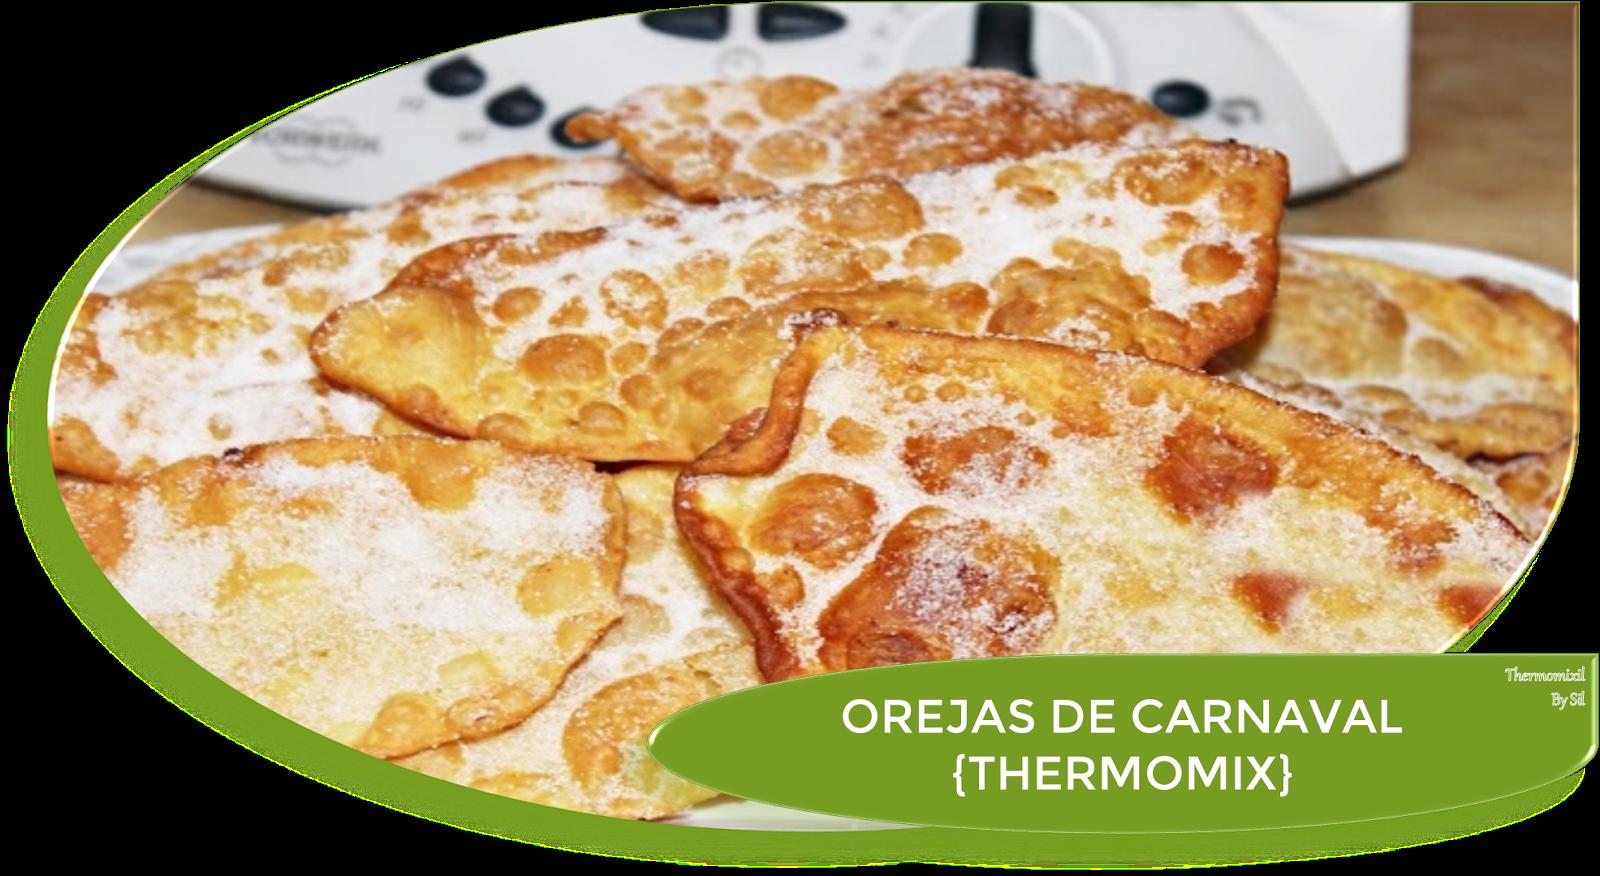 OREJAS DE CARNAVAL CON THERMOMIX